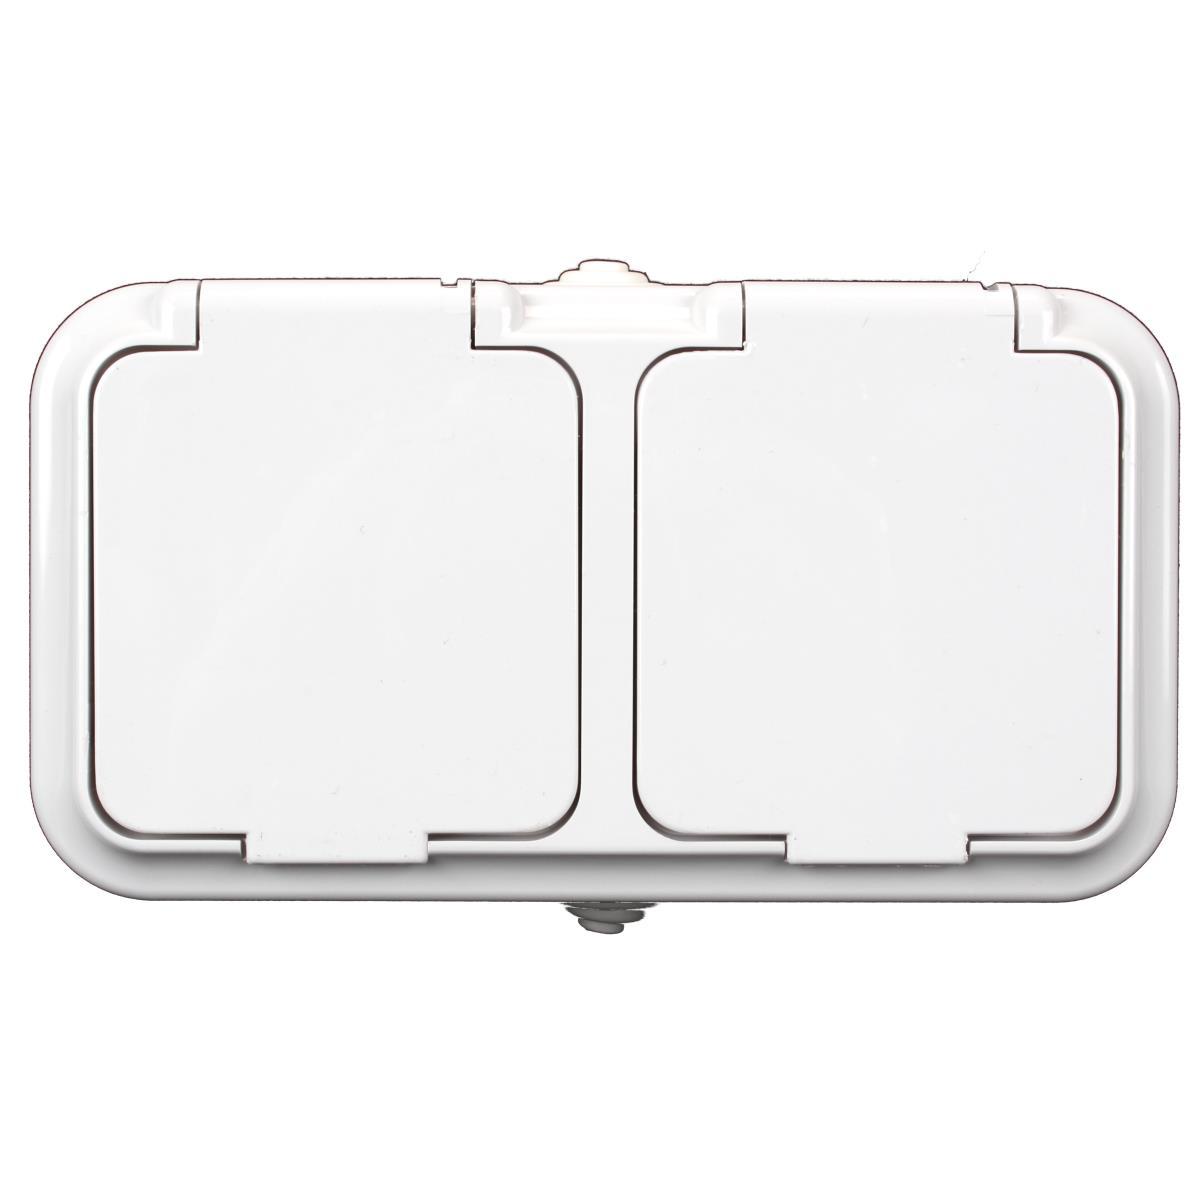 Aufputz doppel zweifach Schuko Steckdose IP54 mit Schutzkontakt weiß serie OKKO,OKKO,PA16-303, 4810158061862